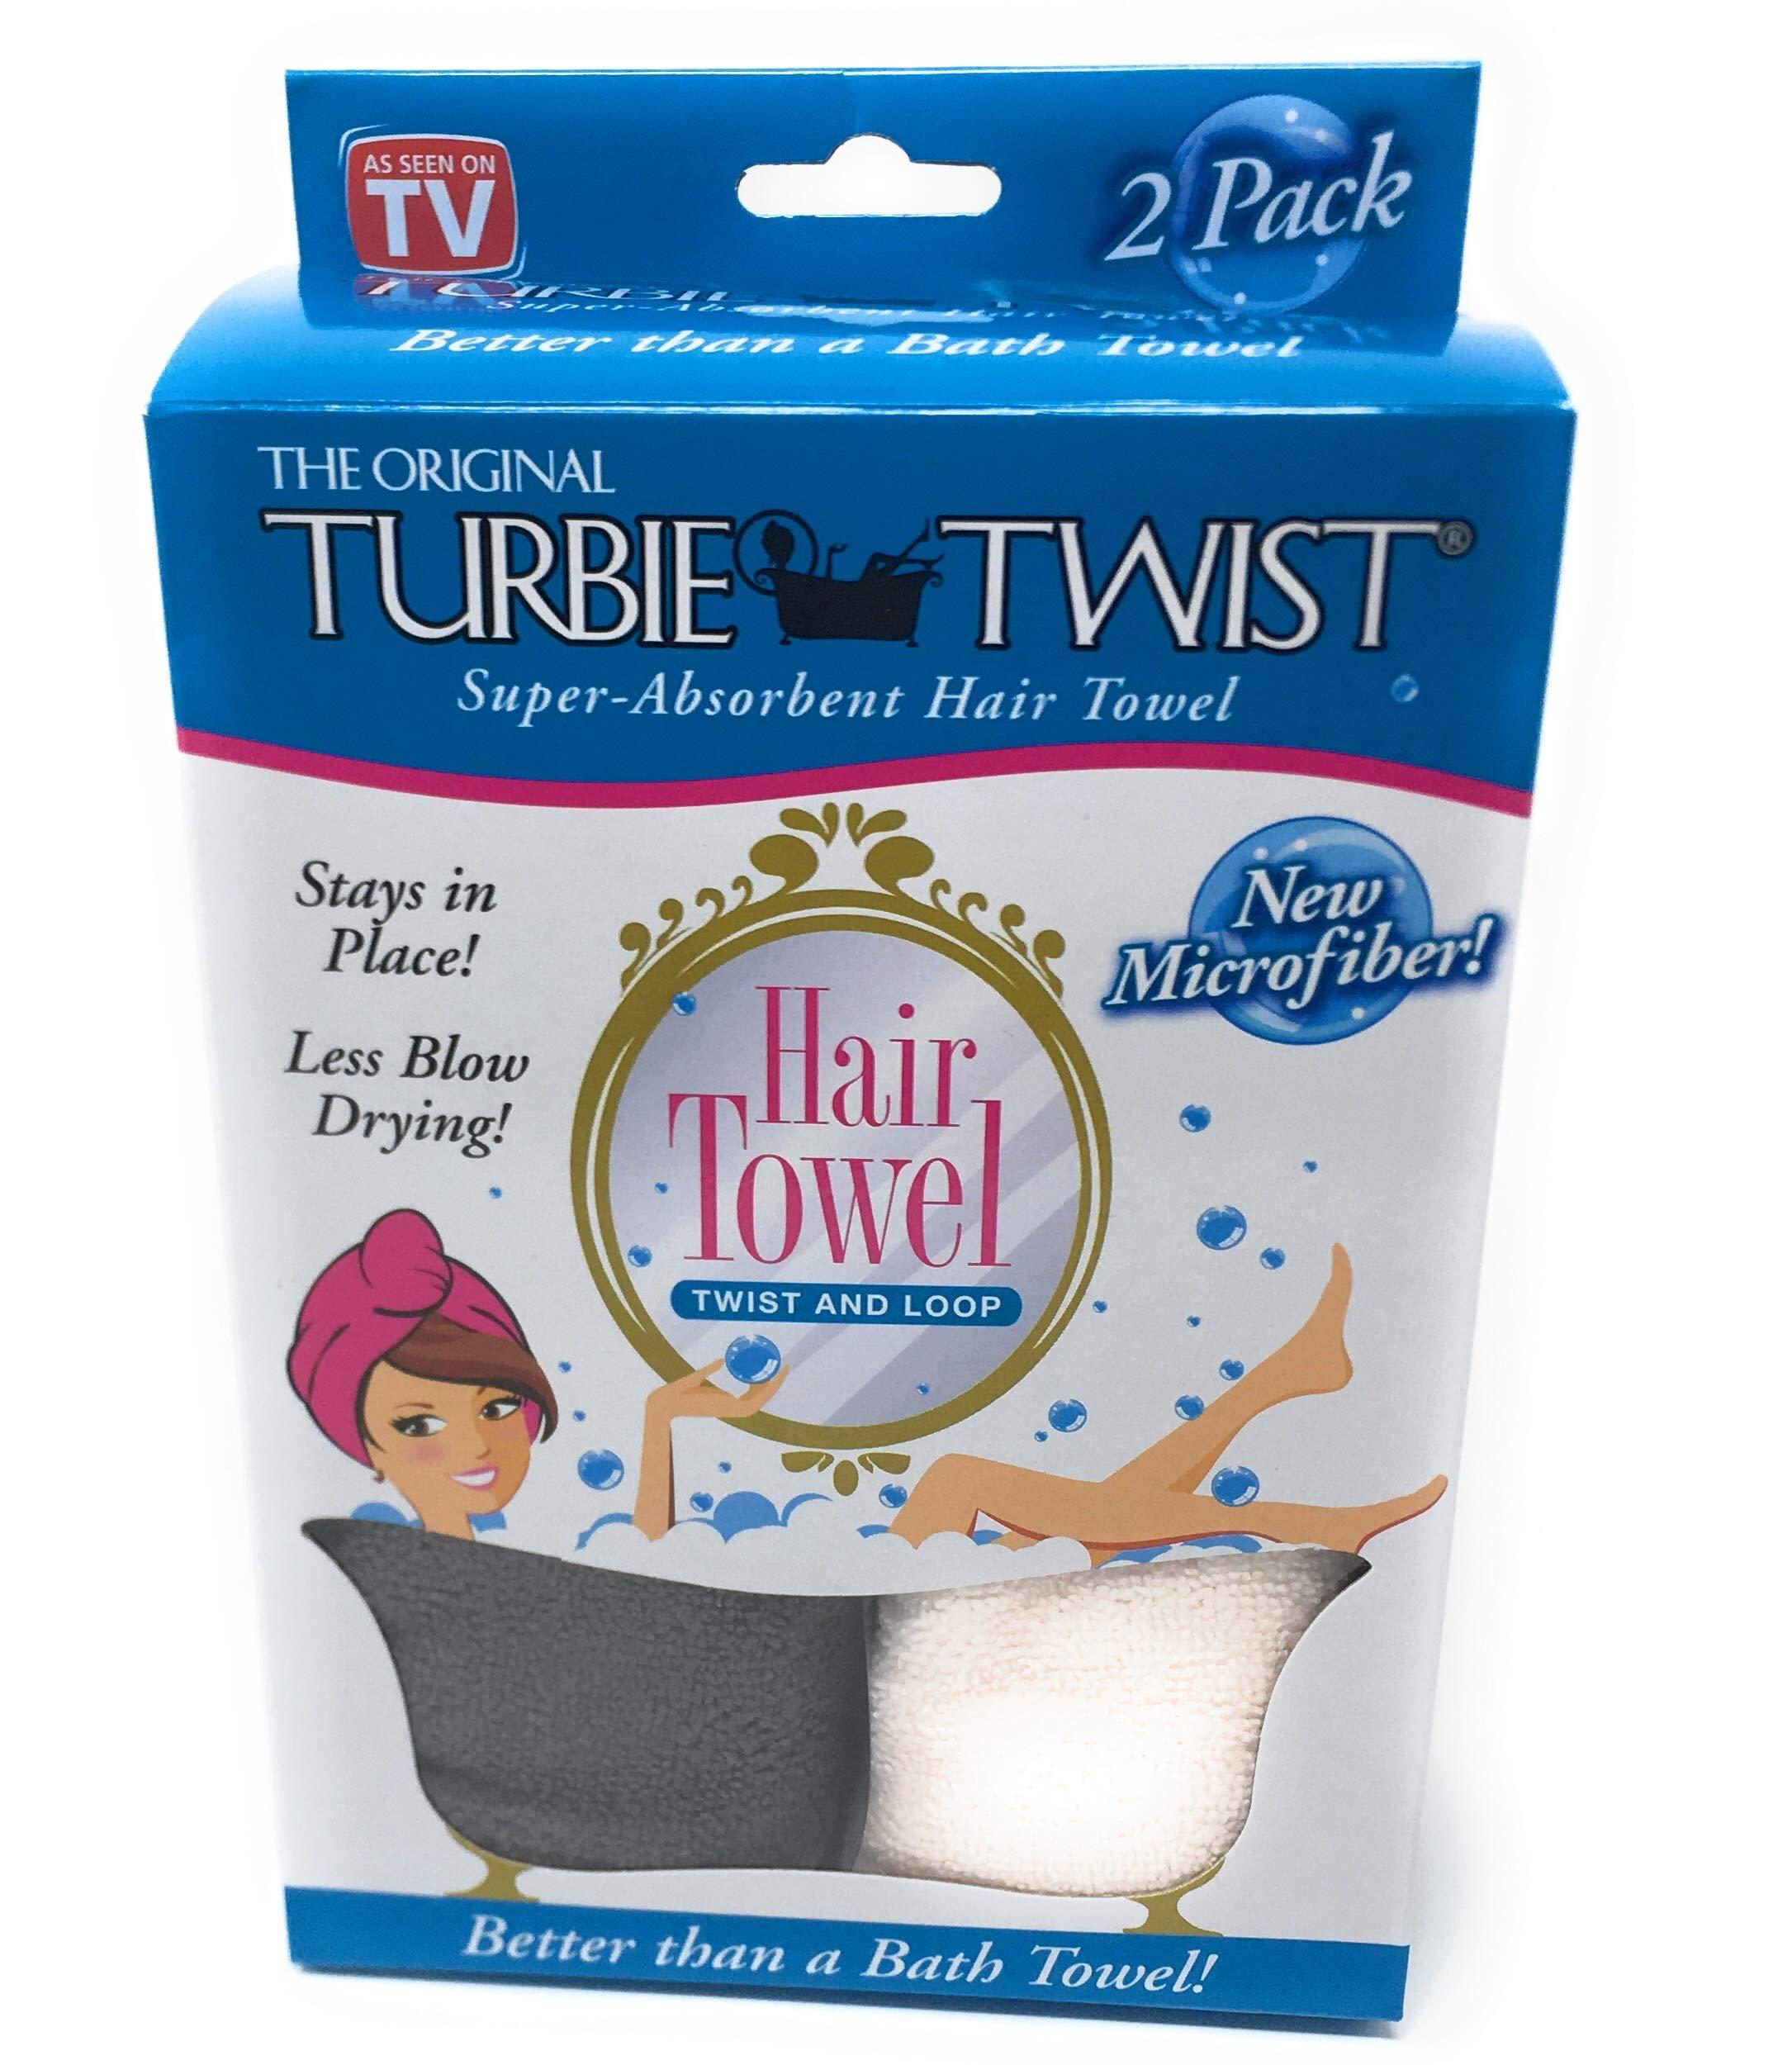 Turbie Twist Microfiber Hair Towel (2 Pack) Grey-Light Pink by Turbie Twist